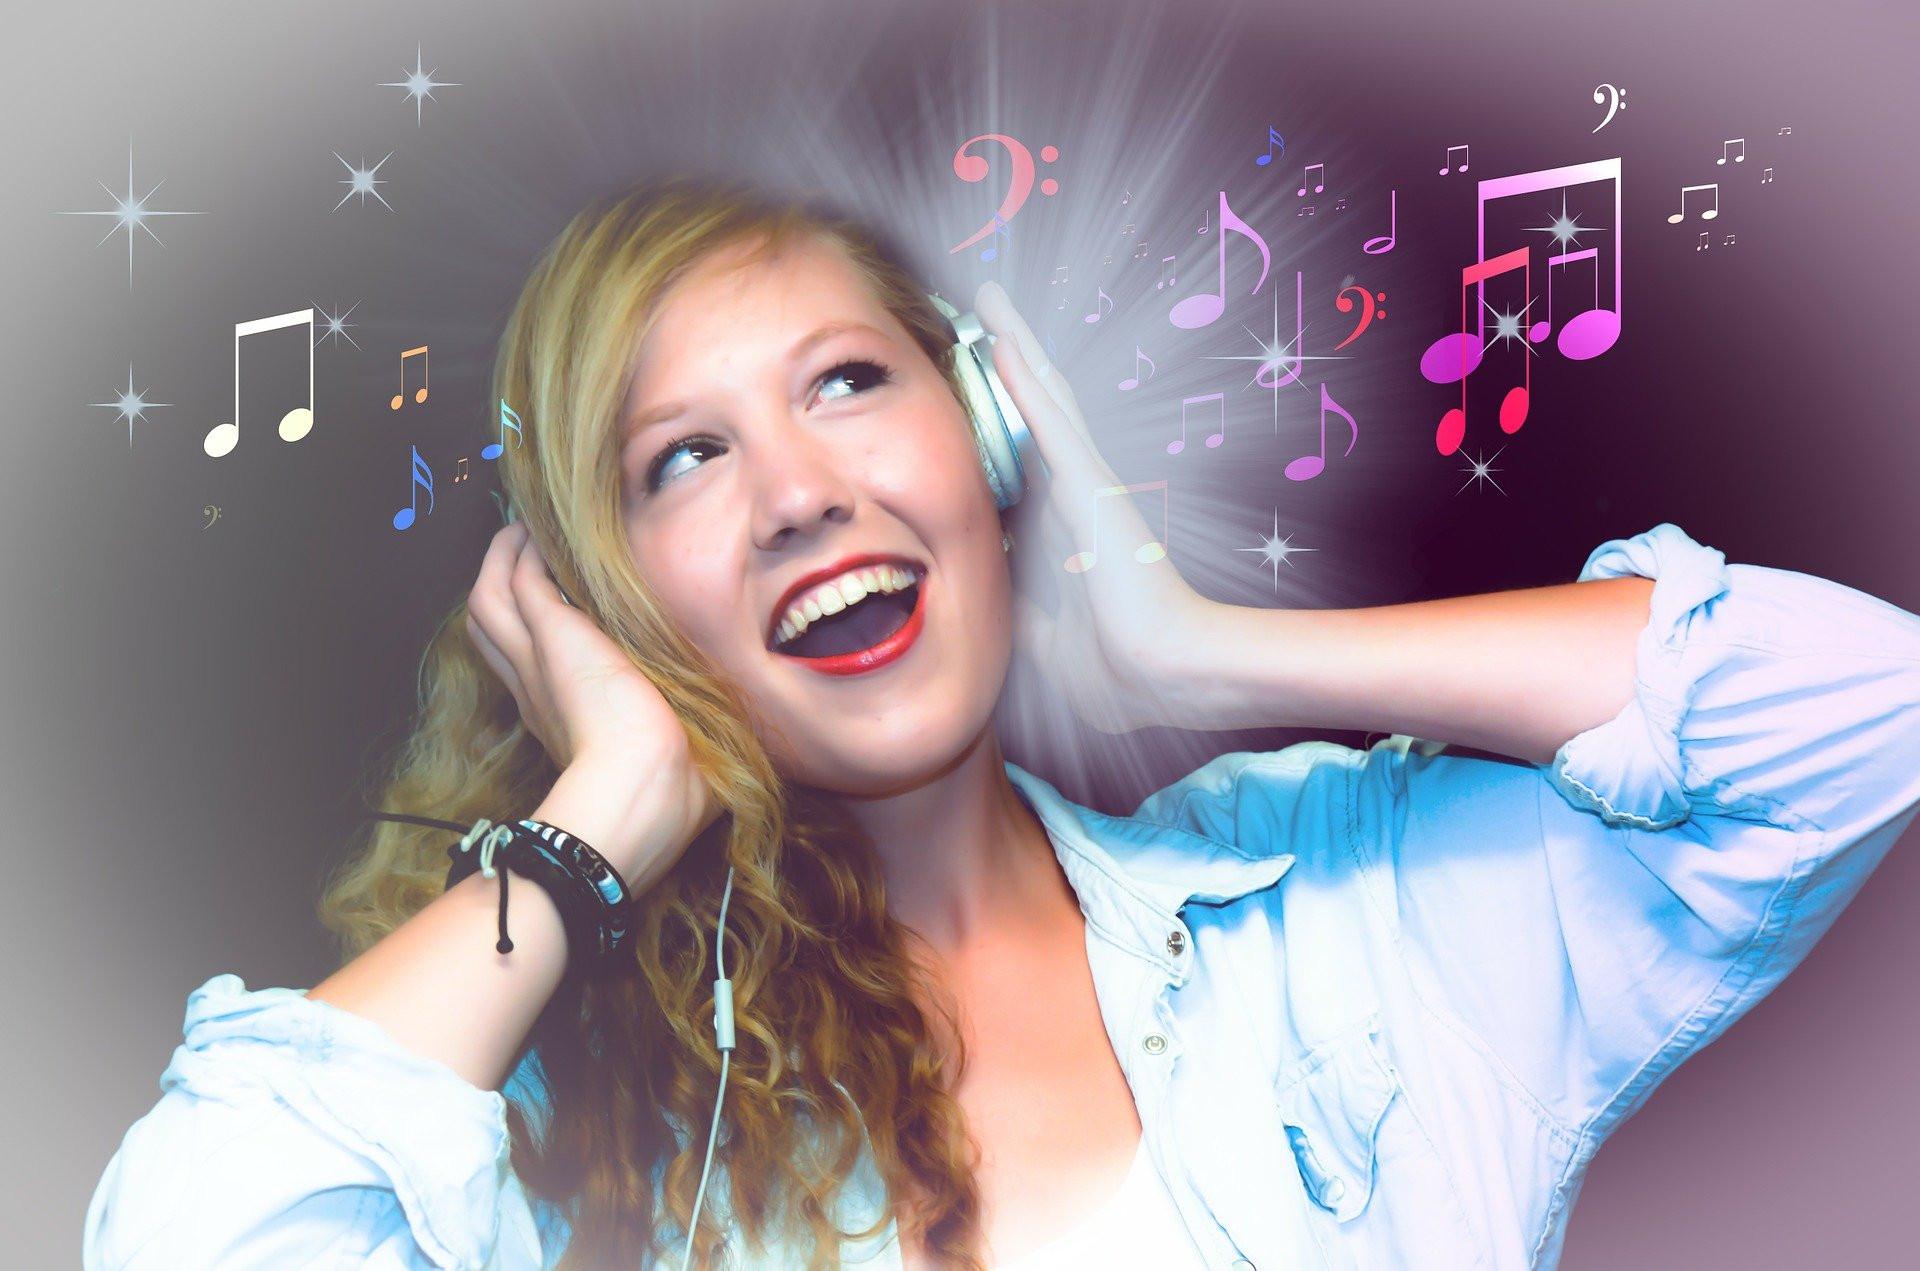 songify-aplicacion-crear-canciones-pop